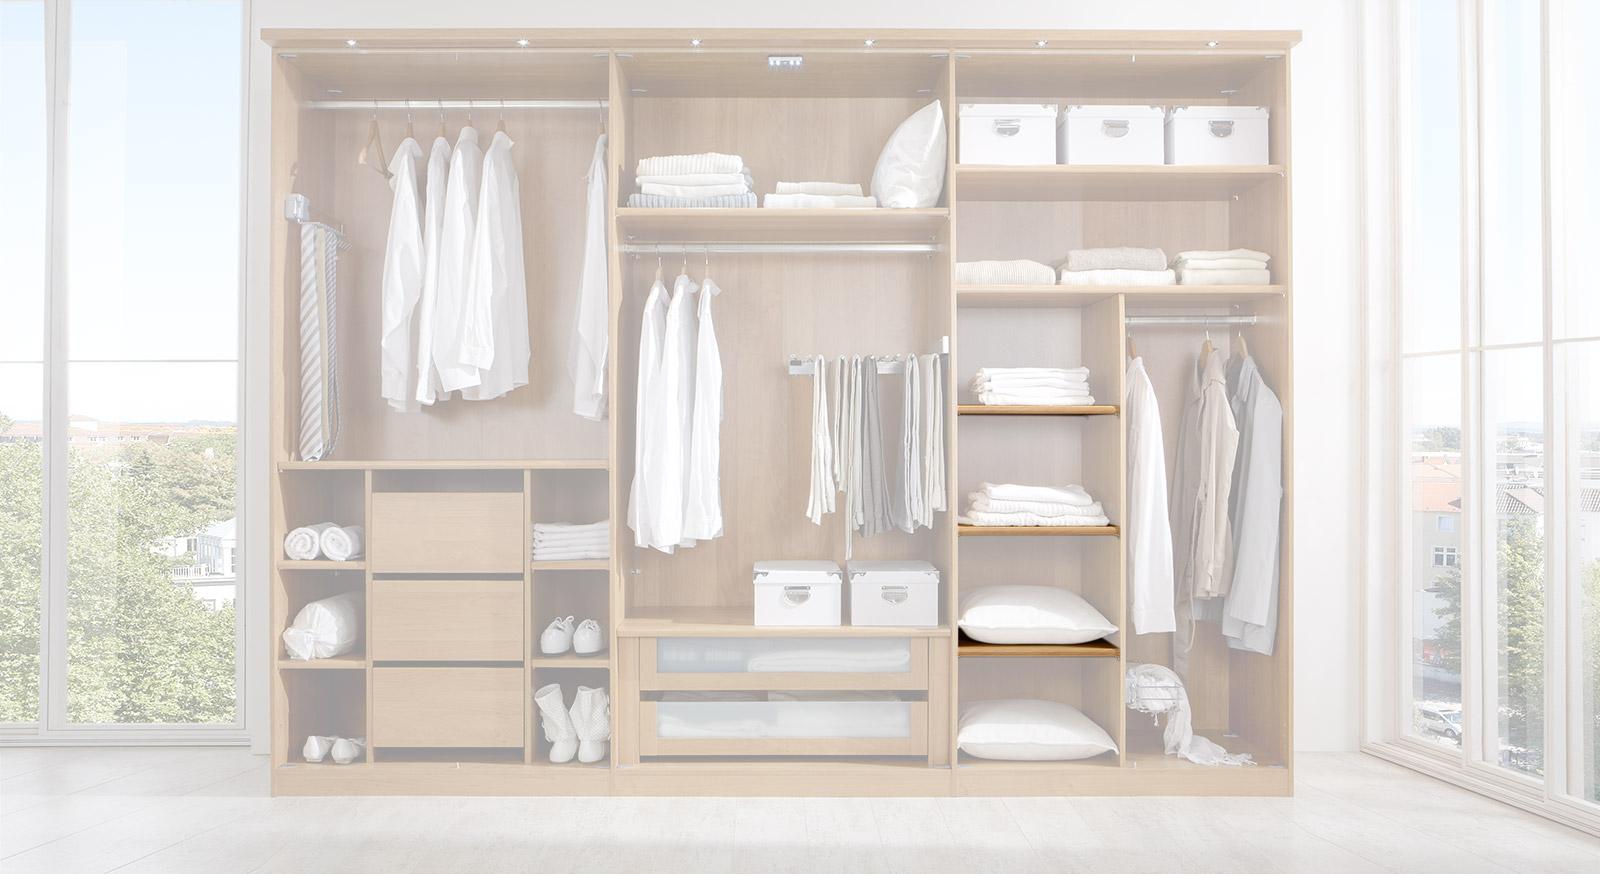 Schmaler Einlegeboden der Innenausstattung für Kleiderschränke